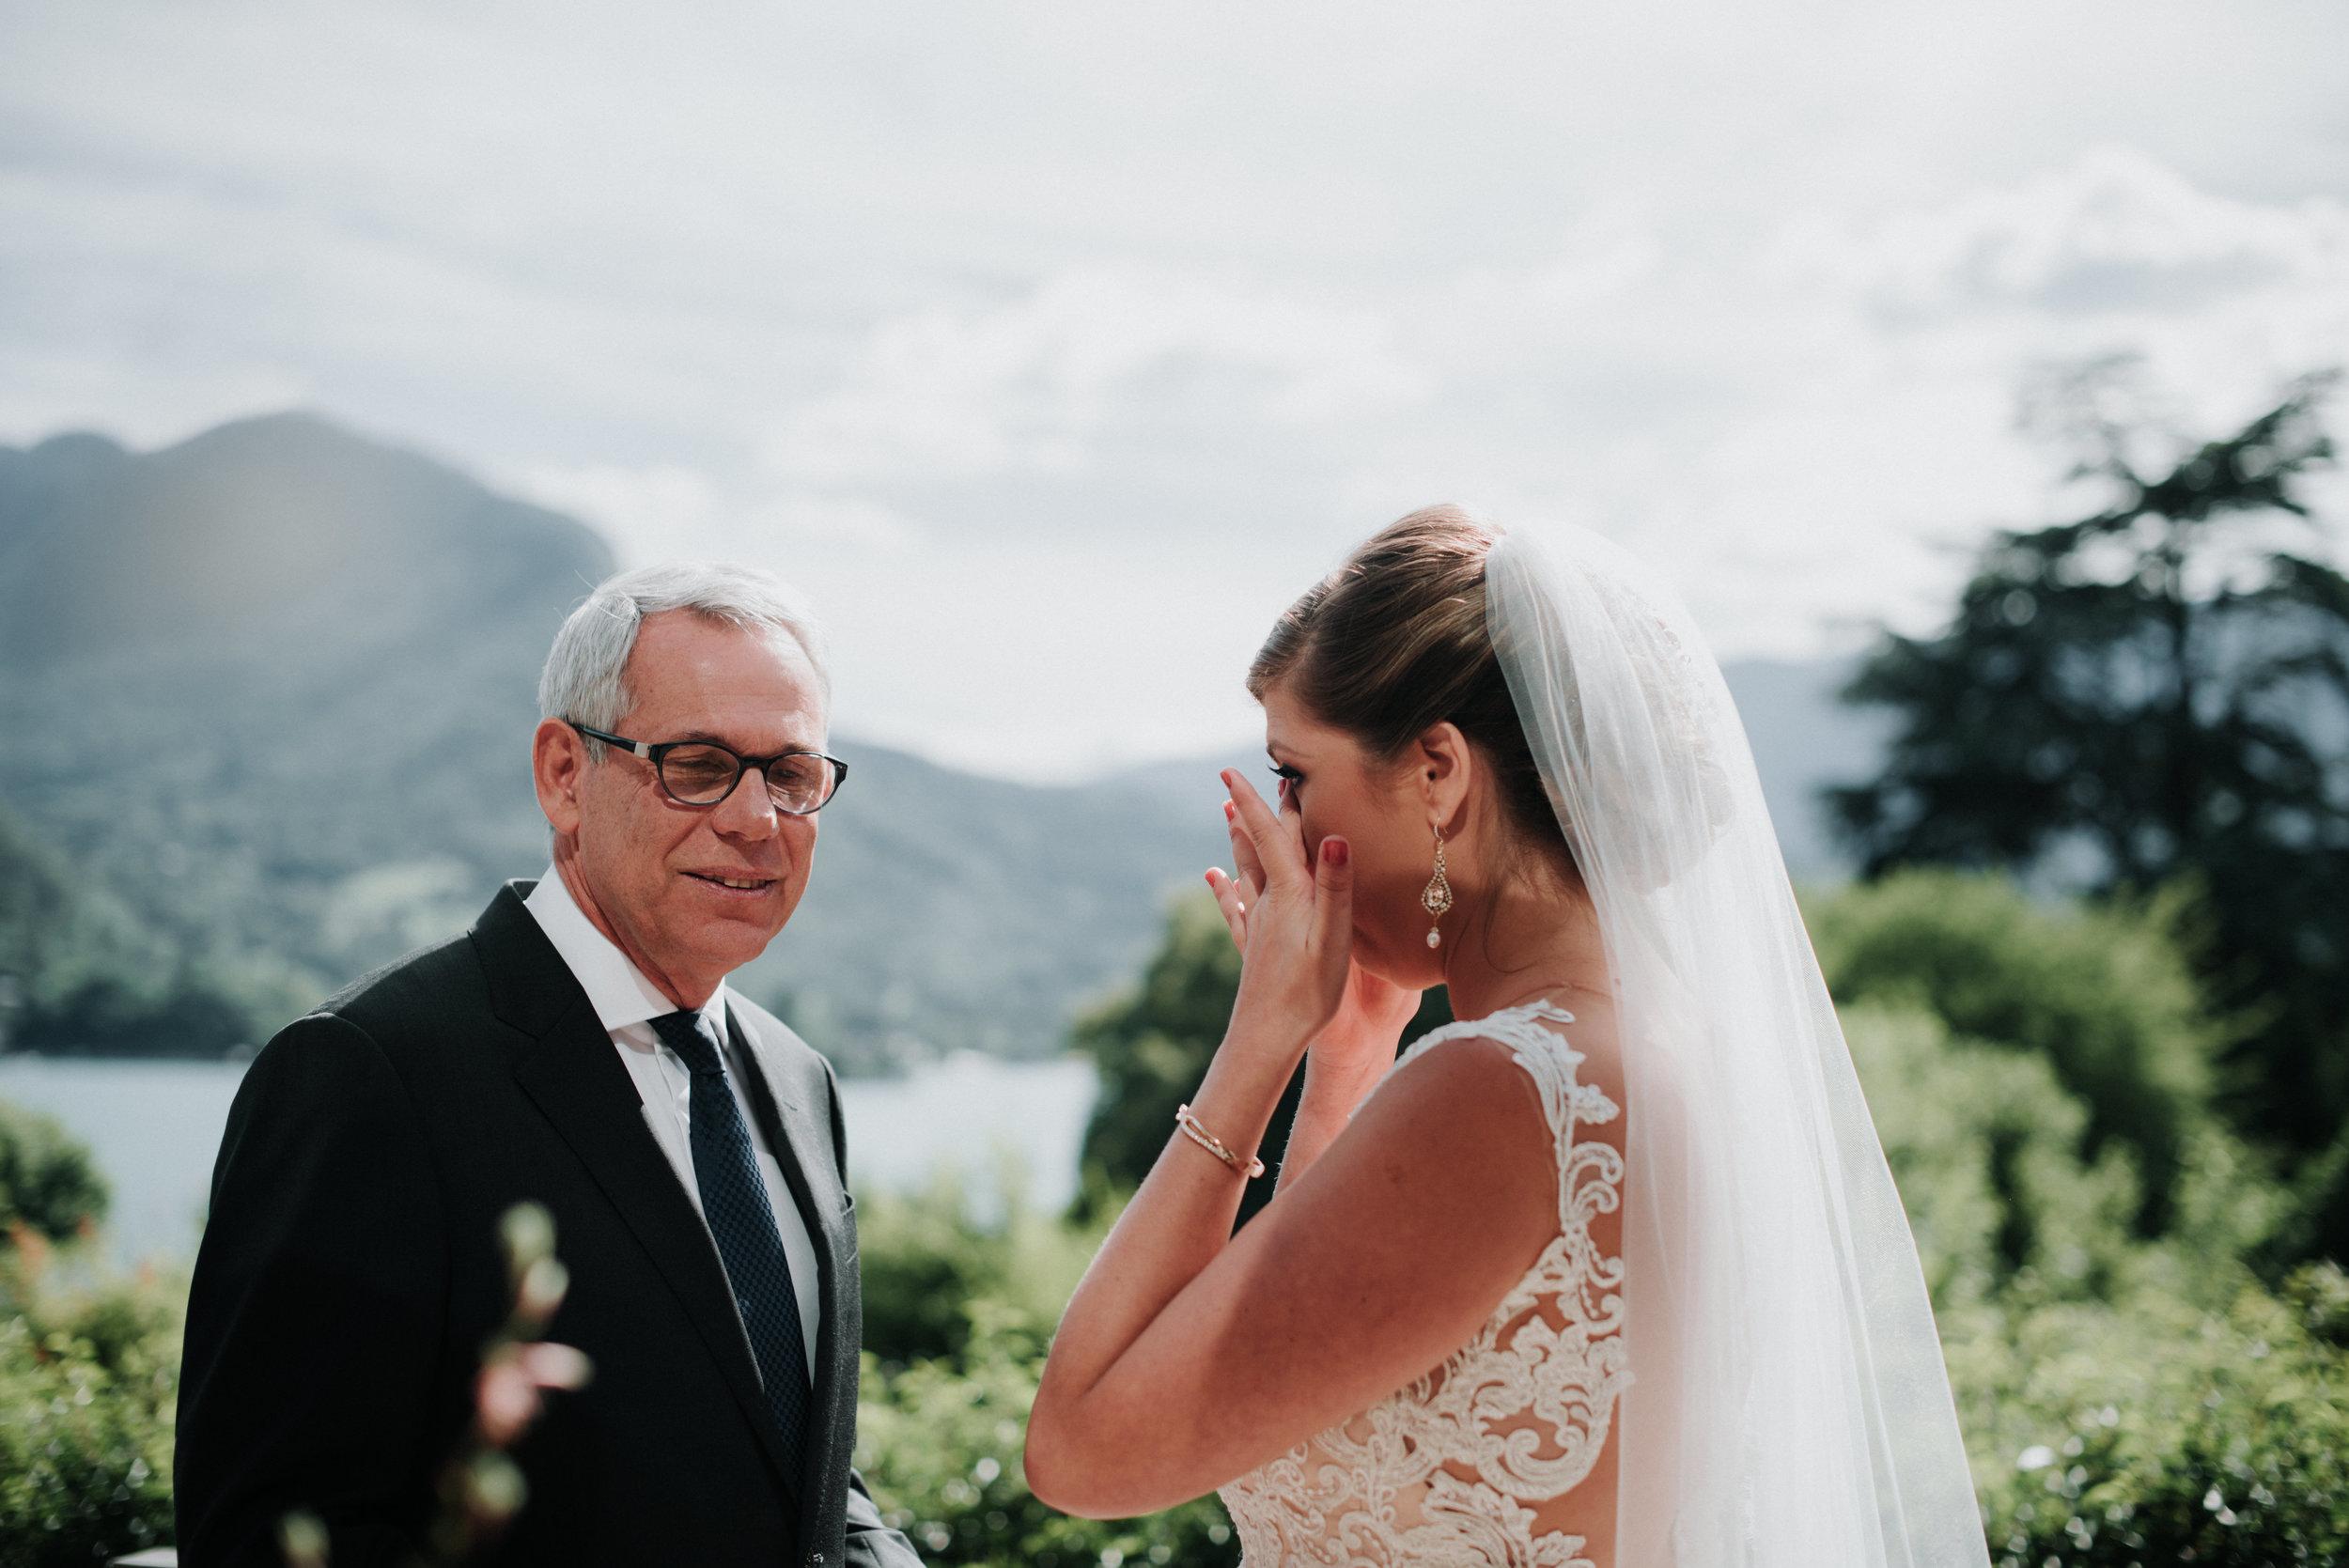 Léa-Fery-photographe-professionnel-lyon-rhone-alpes-portrait-creation-mariage-evenement-evenementiel-famille-0444.jpg